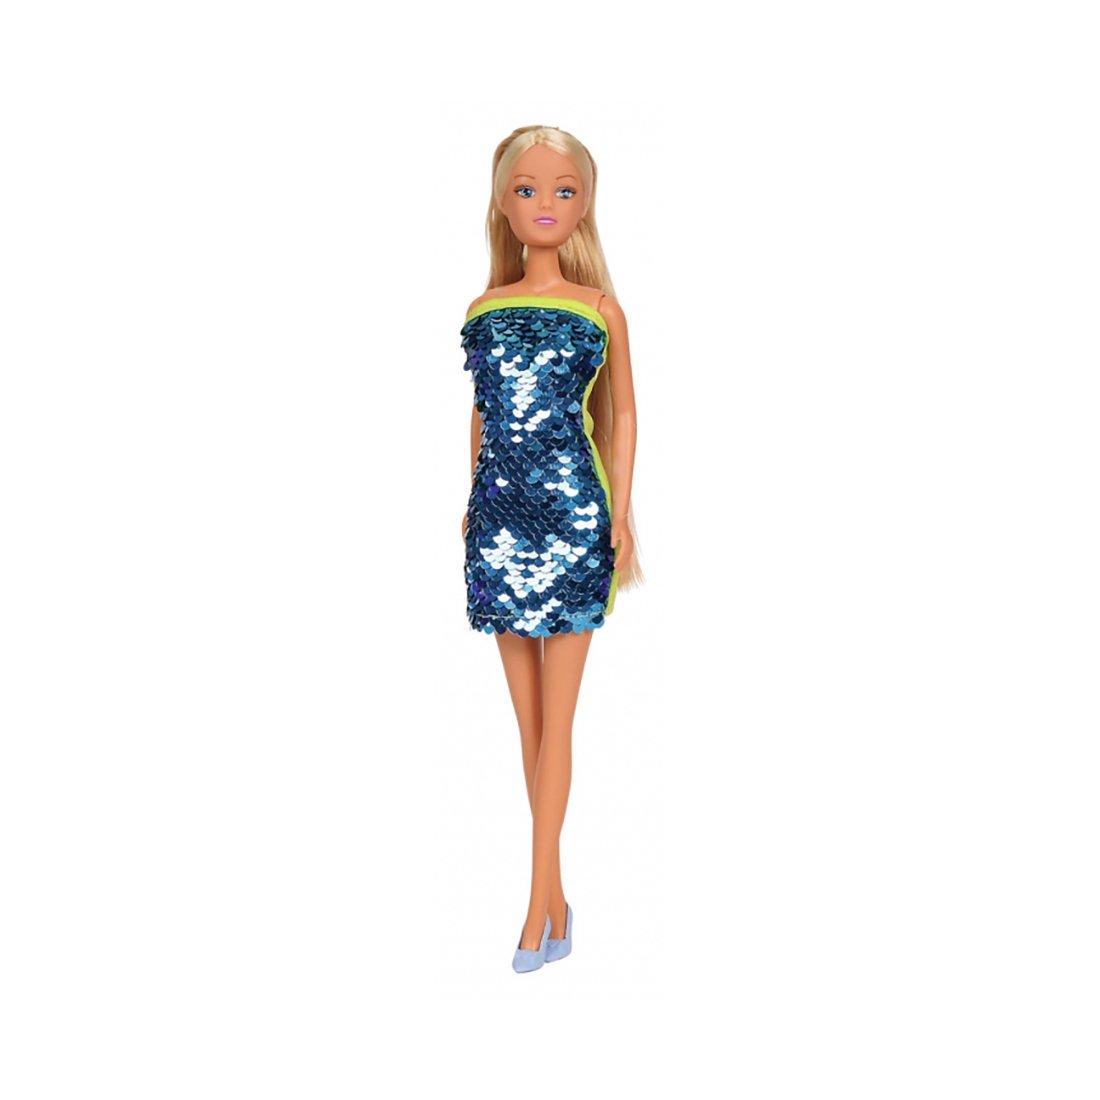 Papusa Steffi Love in rochie cu paiete, Albastru imagine